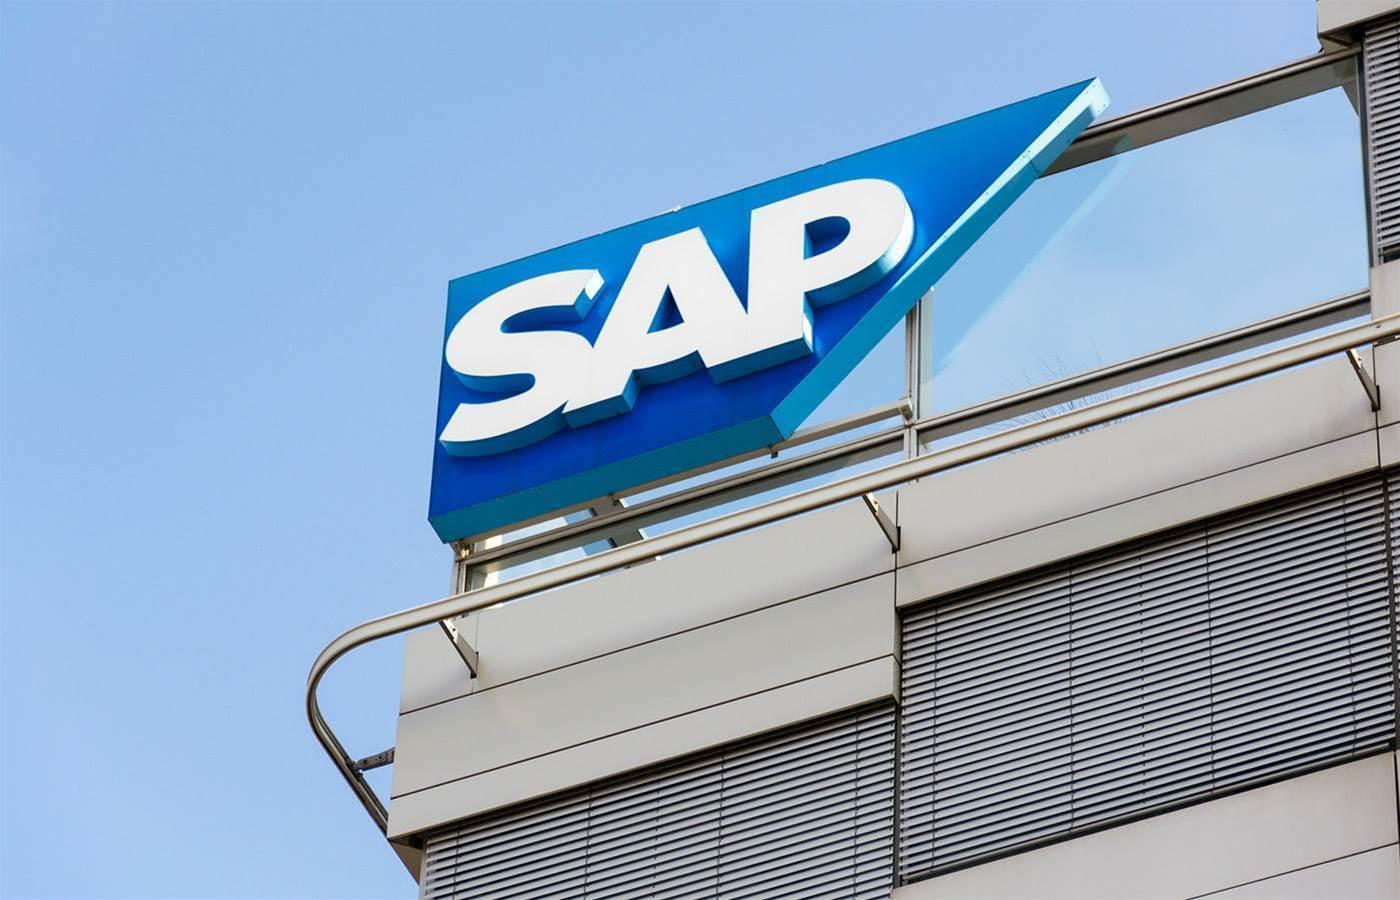 SAP raises guidance as cloud transformation gathers pace